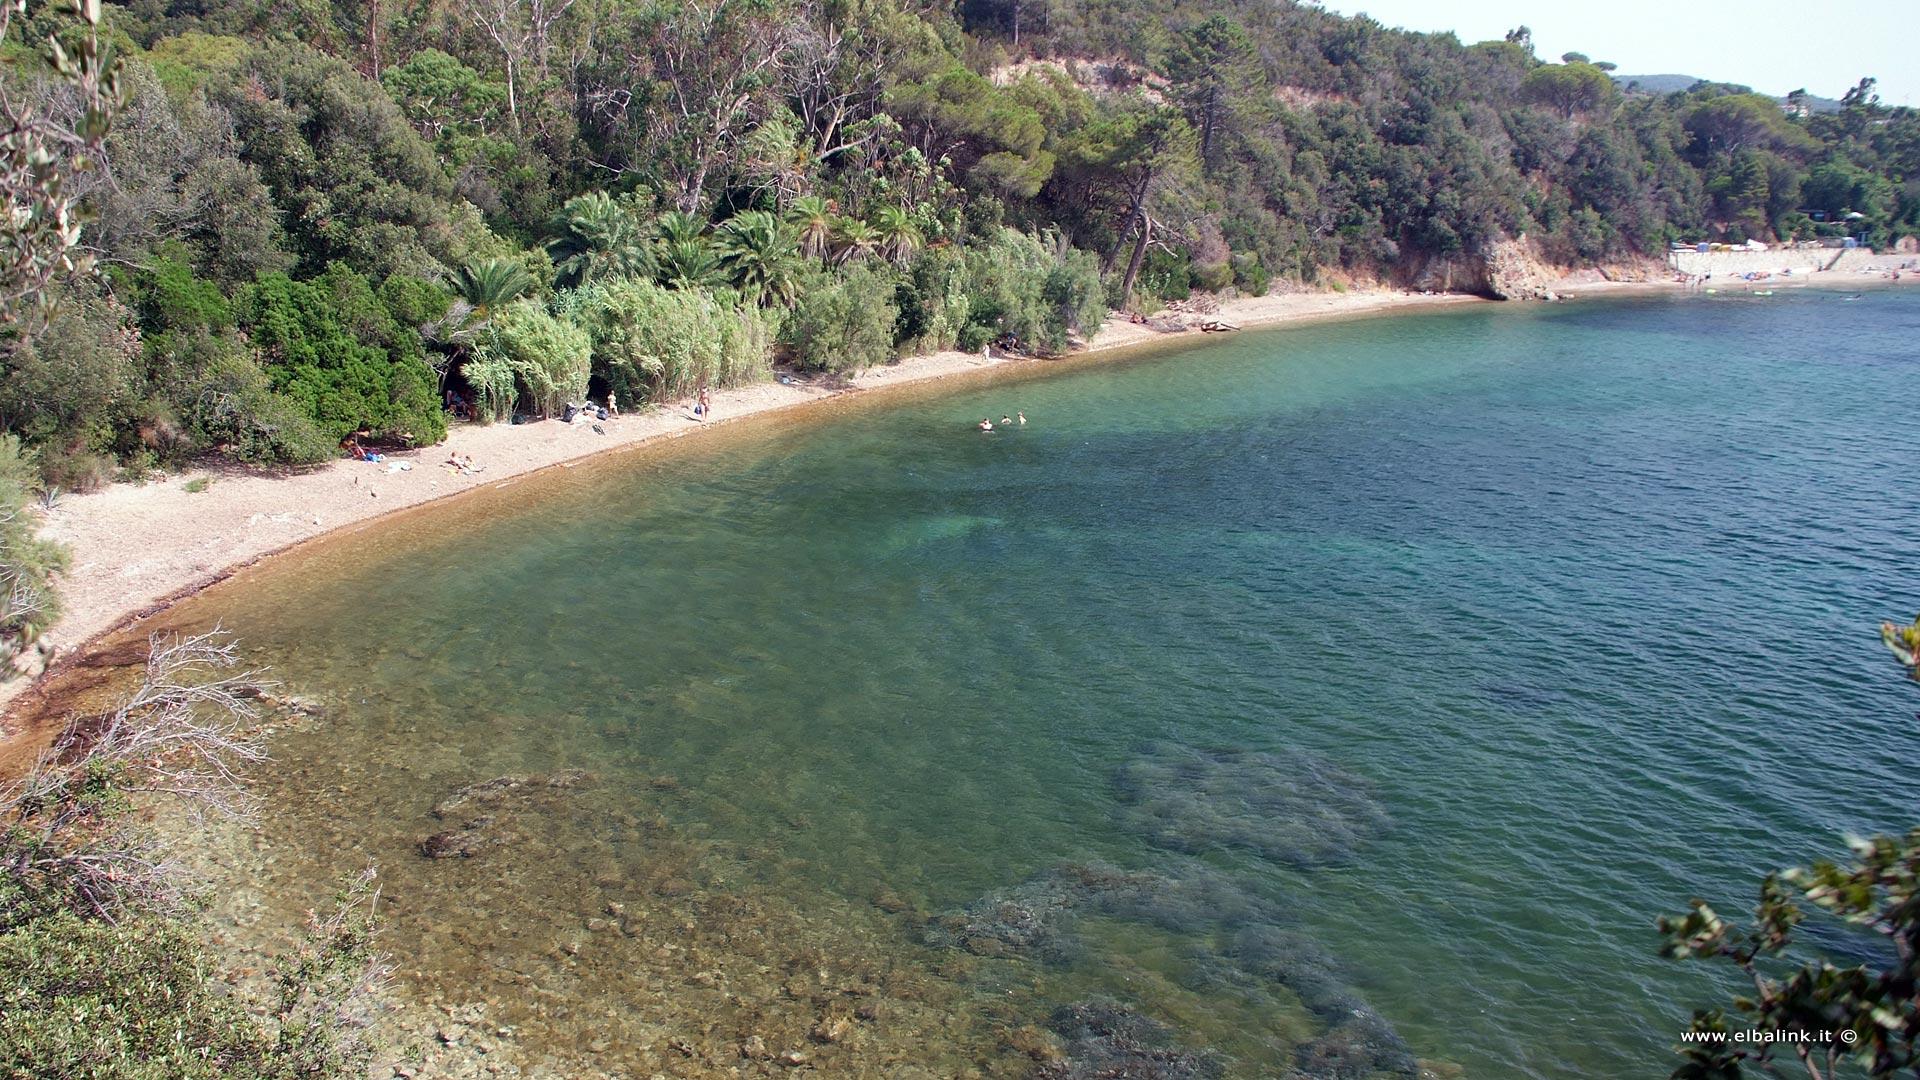 Spiaggia della Concia - Isola d'Elba